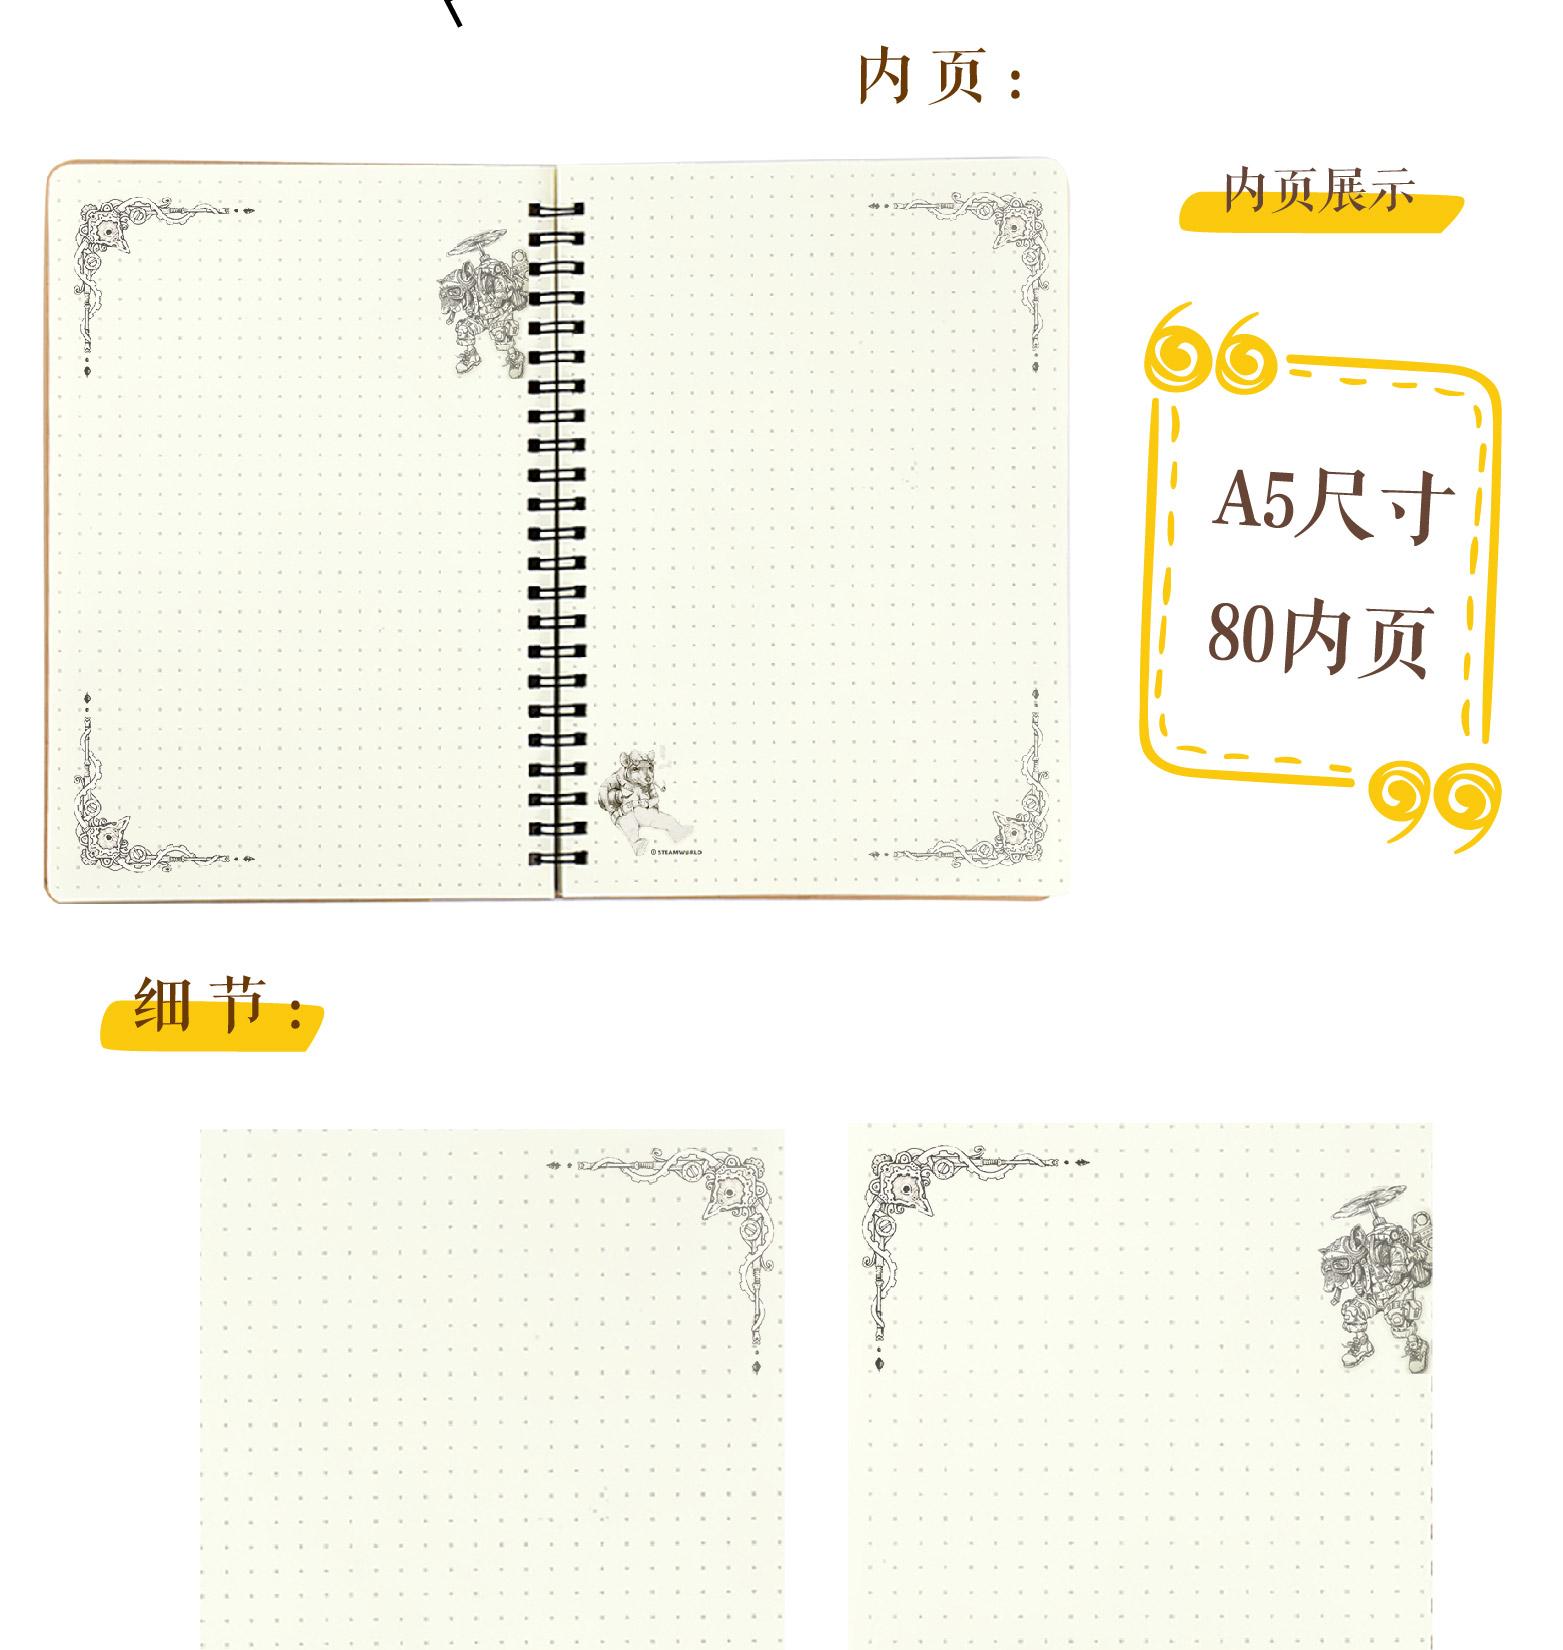 产品介绍-本子-02.jpg